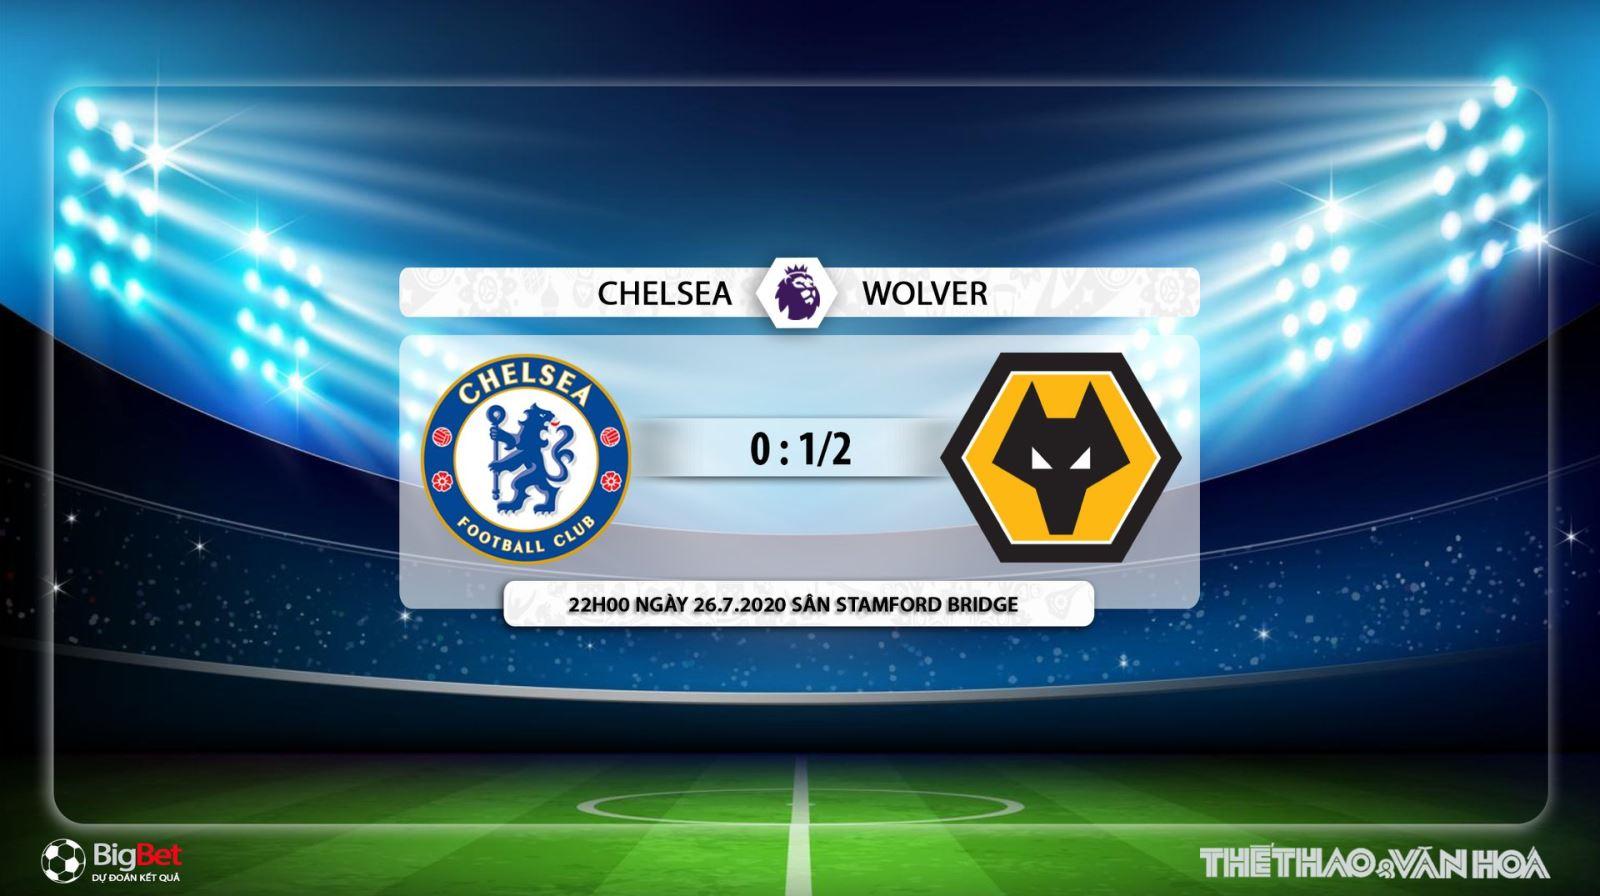 Chelsea vs Wolves, Wolves, Chelsea, soi kèo bóng đá, kèo Chelsea vs Wolves, soi kèo bóng đá Chelsea vs Wolves, trực tiếp Chelsea vs Wolves